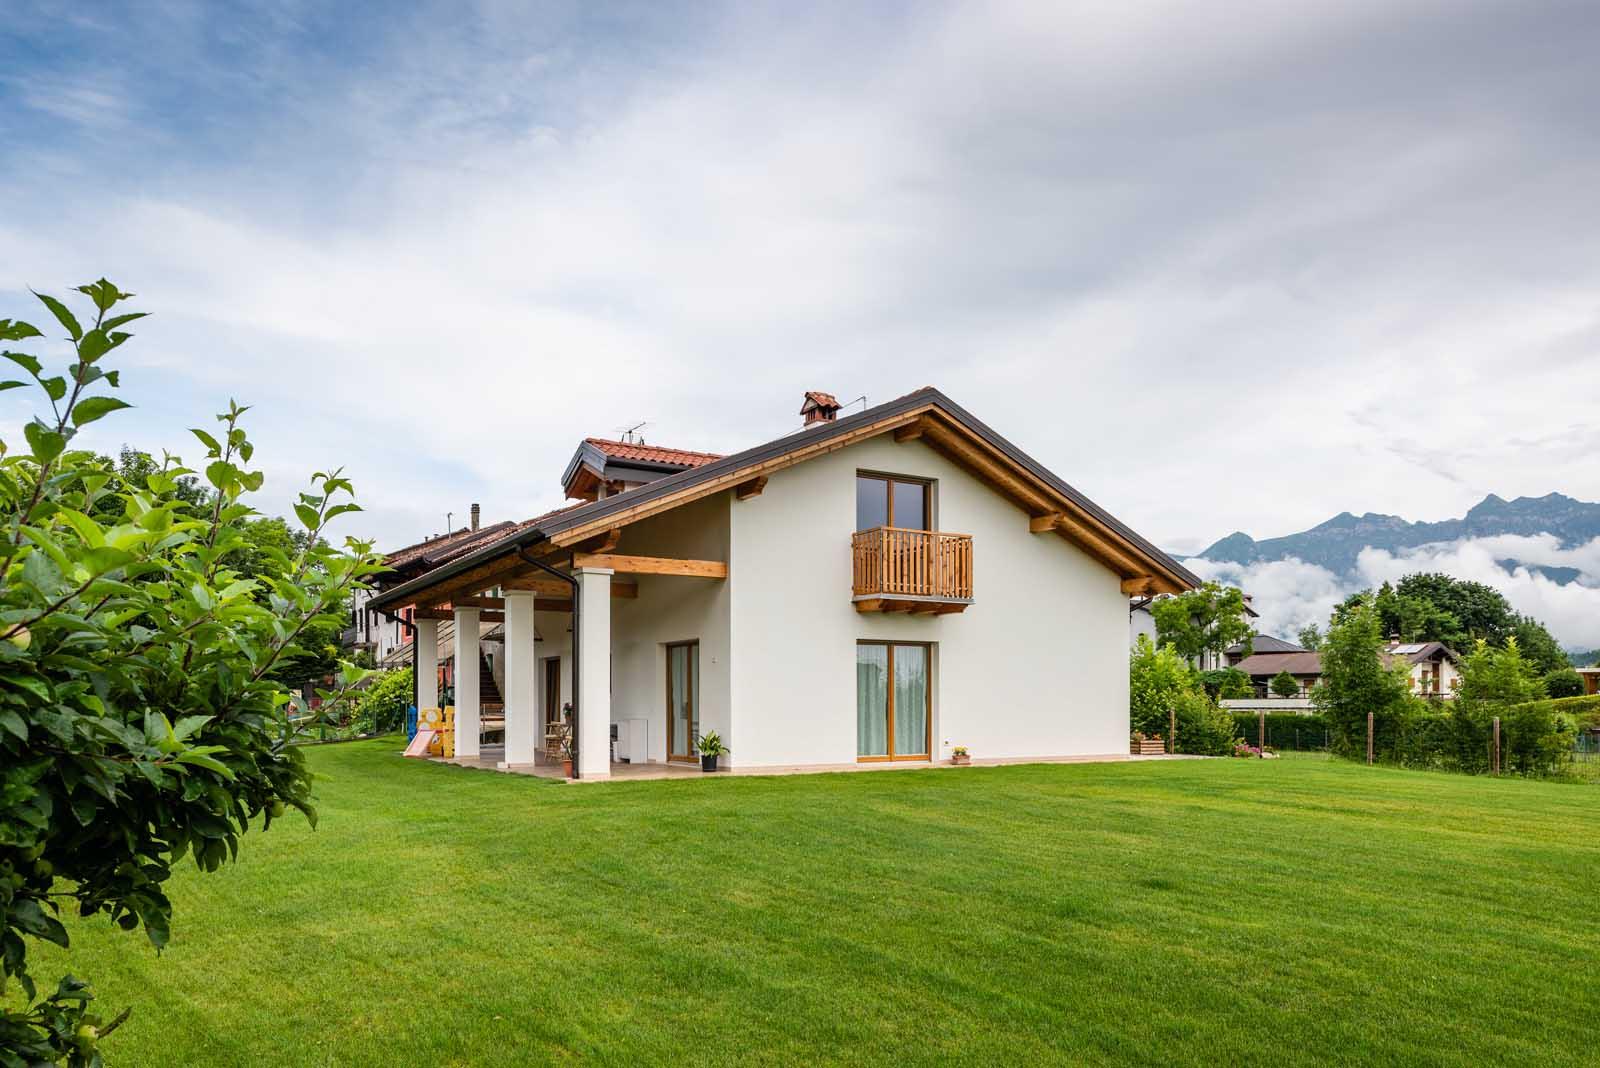 Casa in legno Woodbau